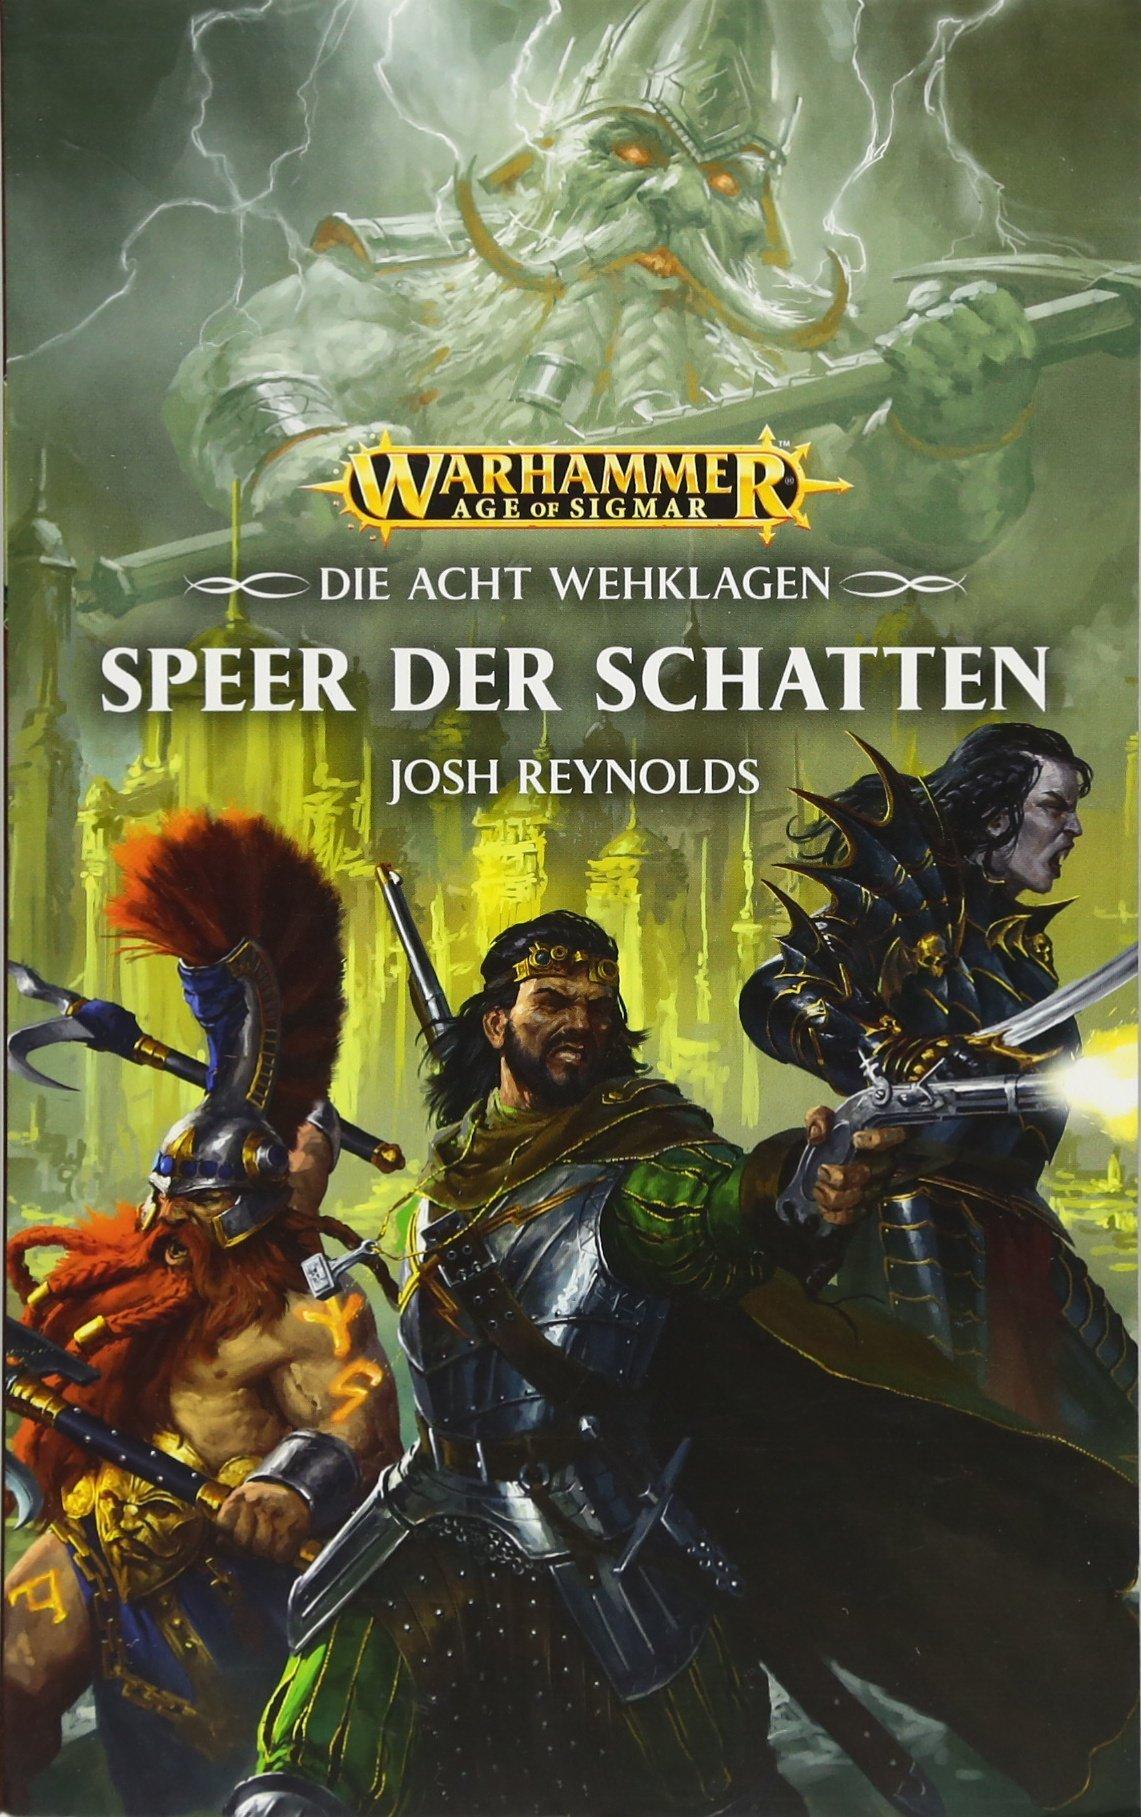 warhammer-age-of-sigmar-speer-der-schatten-die-acht-wehklagen